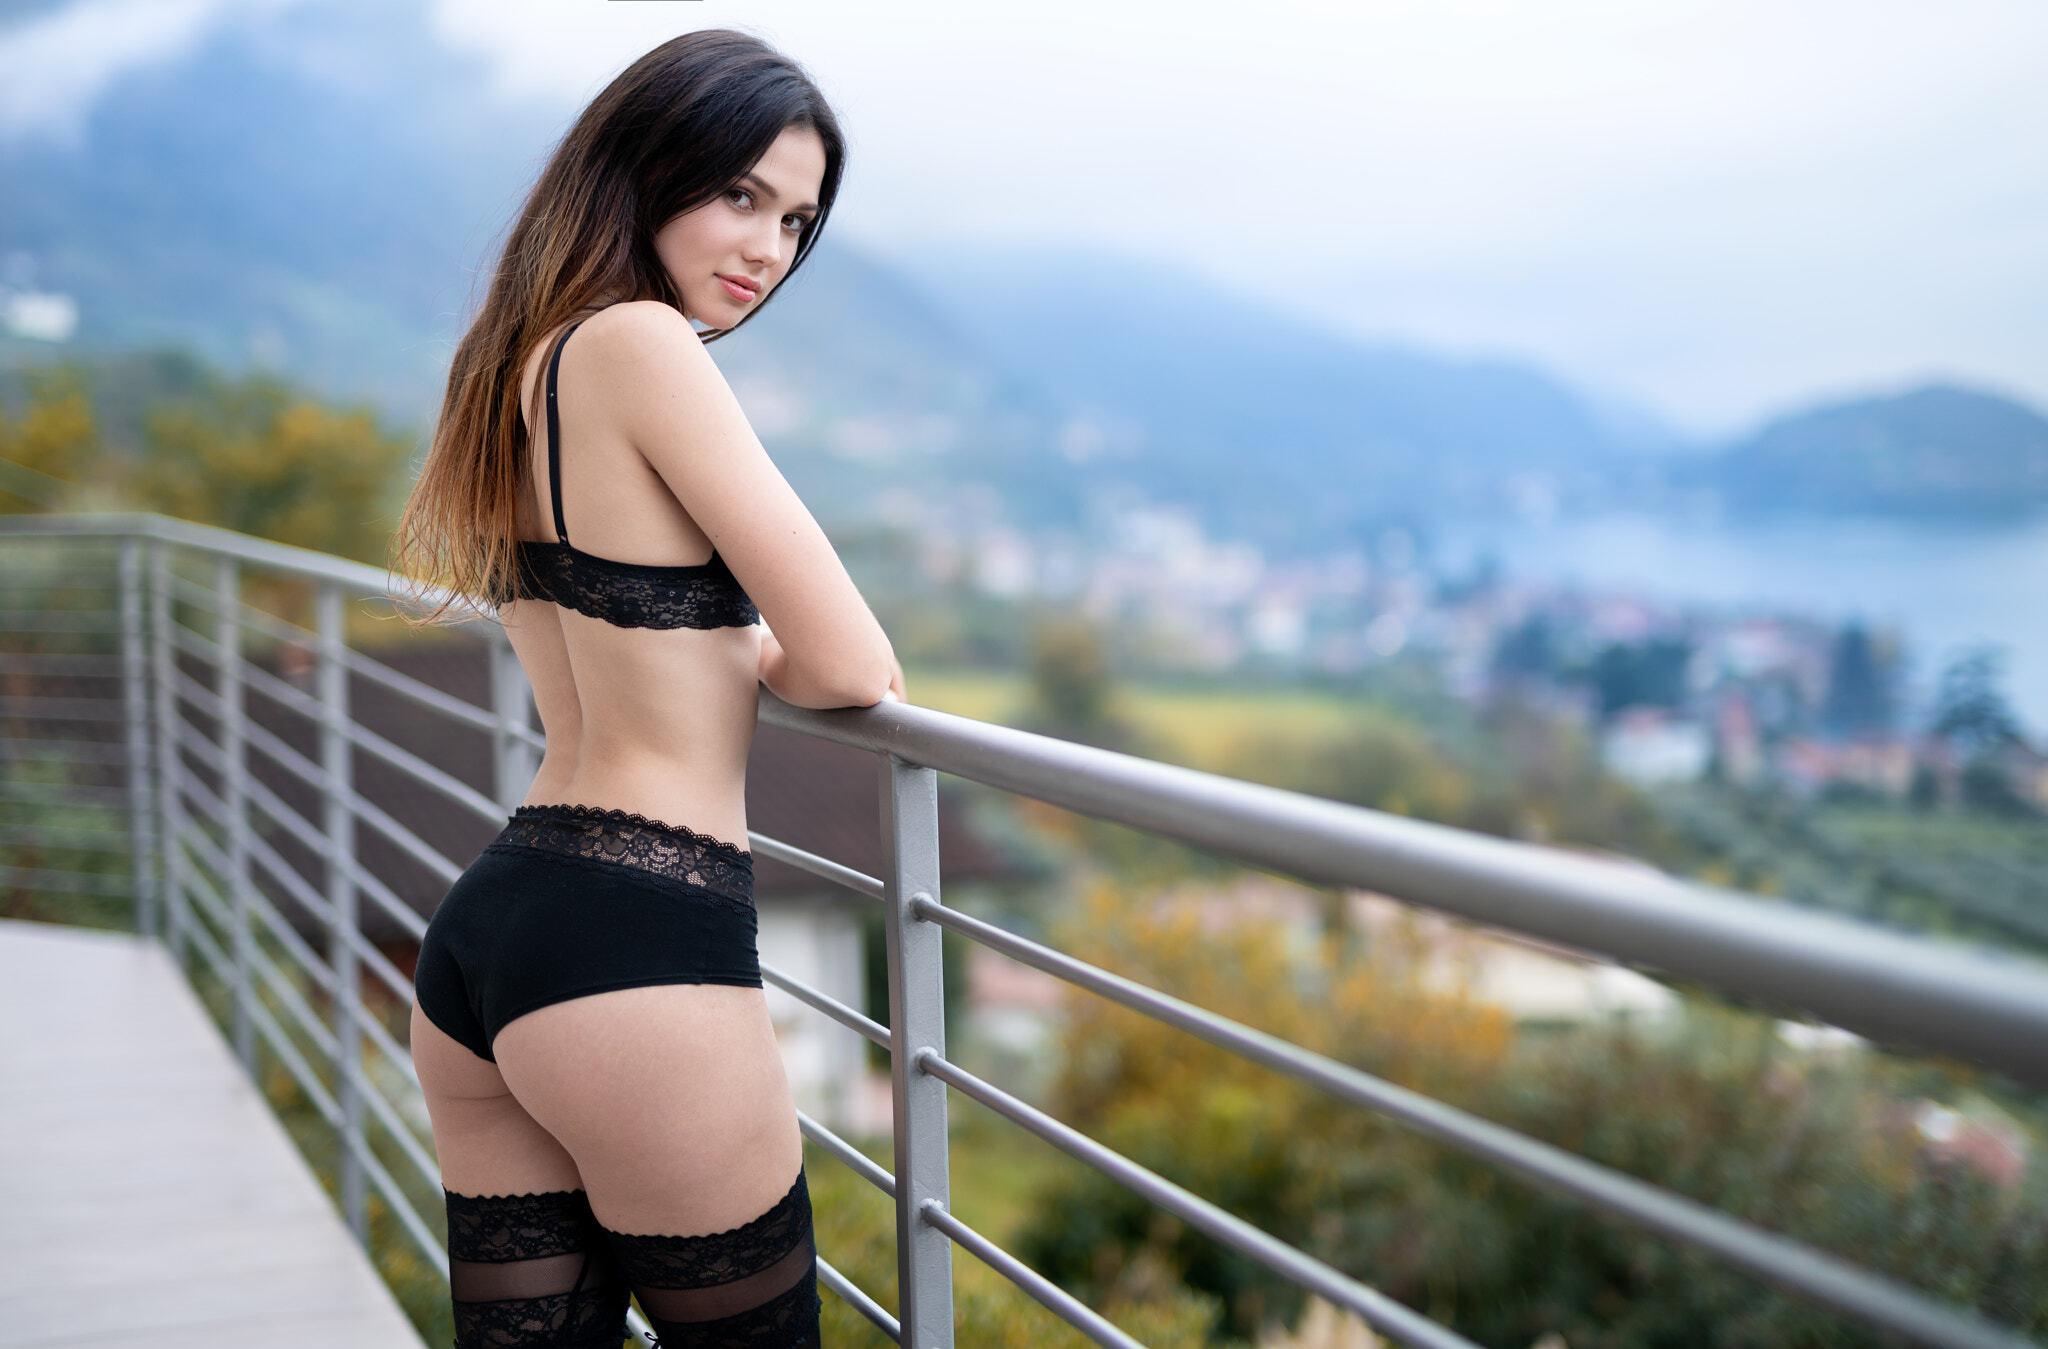 Картинка: Девушка, Marco Squassina, модель, вид, перила, балкон, бельё, в чёрном, стройная, милая, милашка, красивая, взгляд, волосы, попа, ягодицы